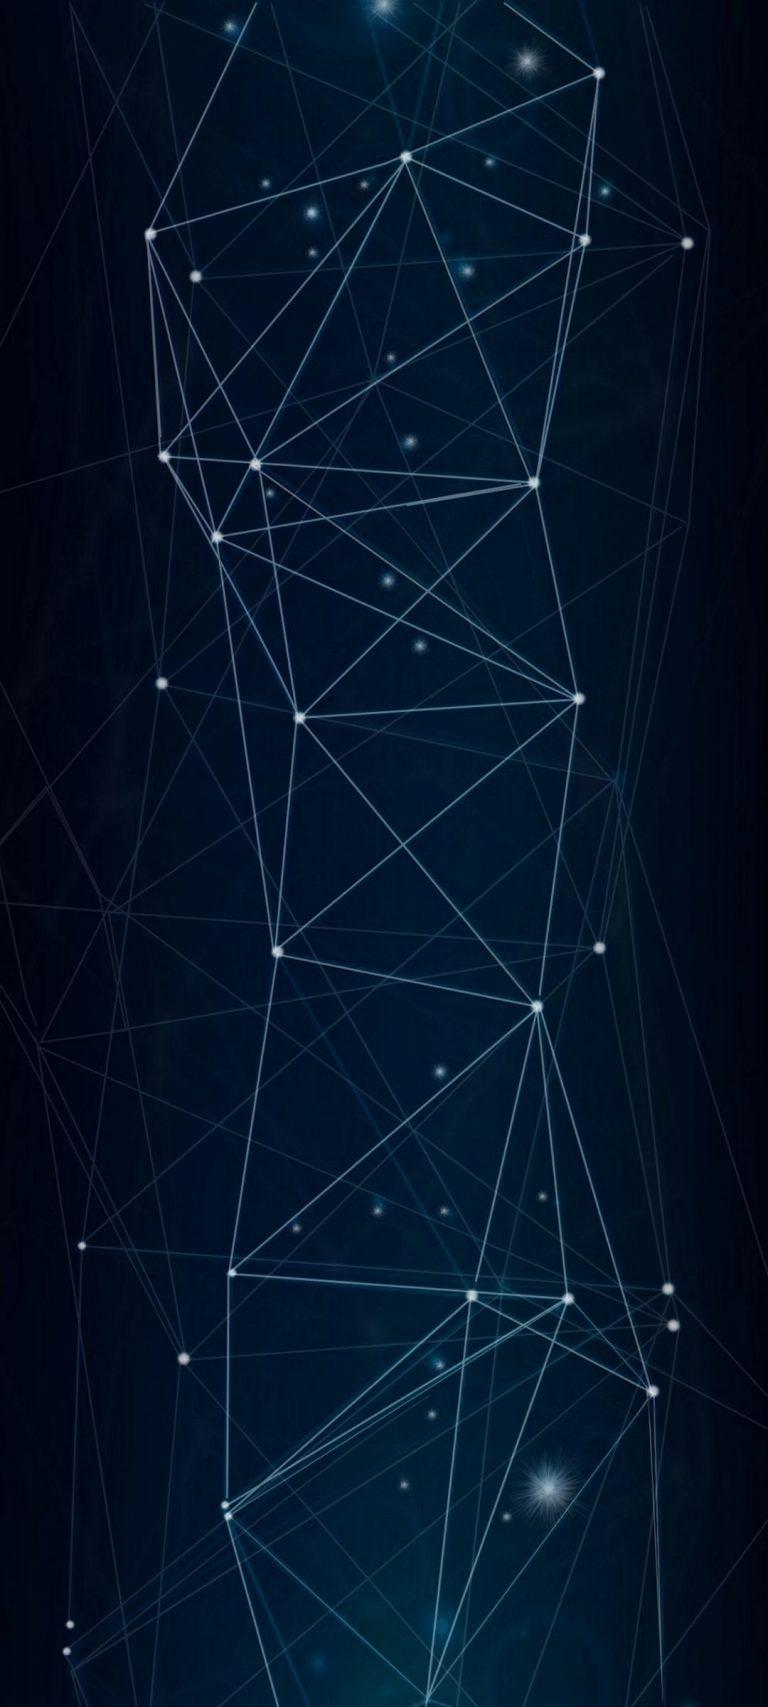 Dark Network Connection 1080x2400 768x1707